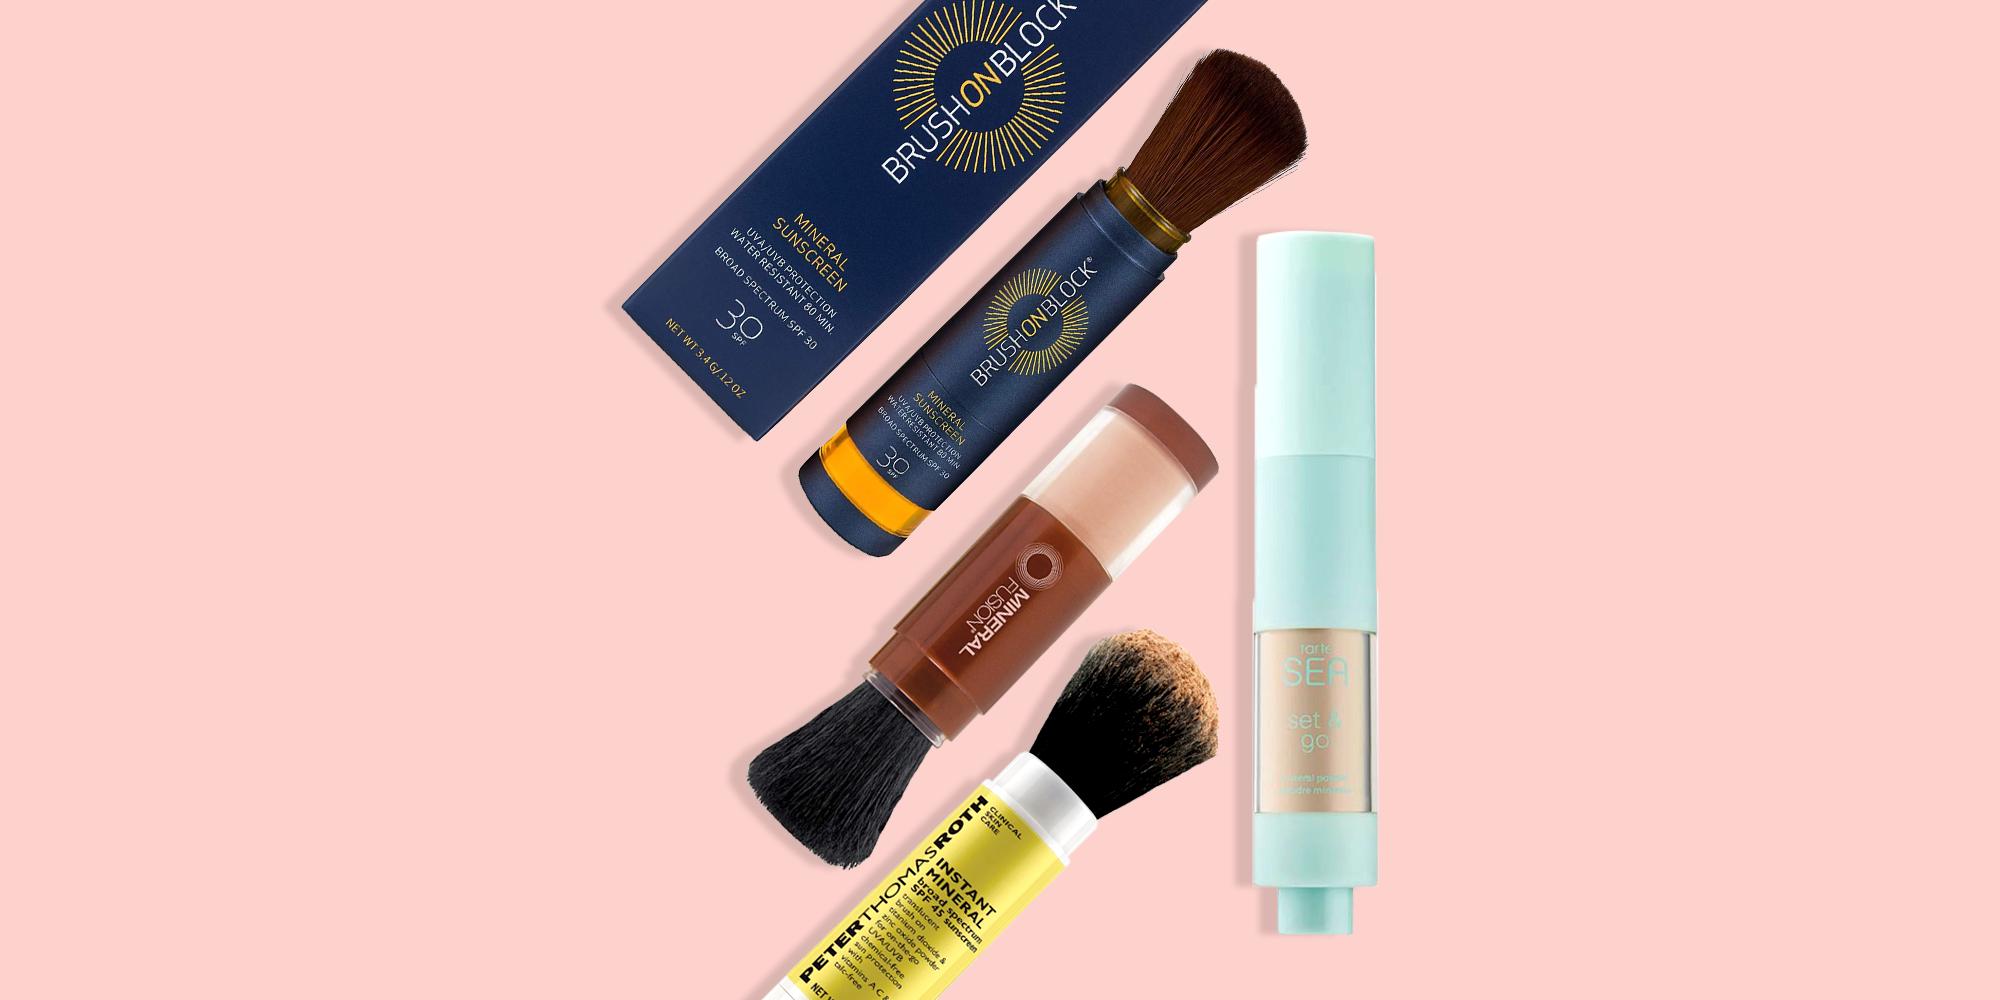 7 Best Powder Sunscreens 2021 Top